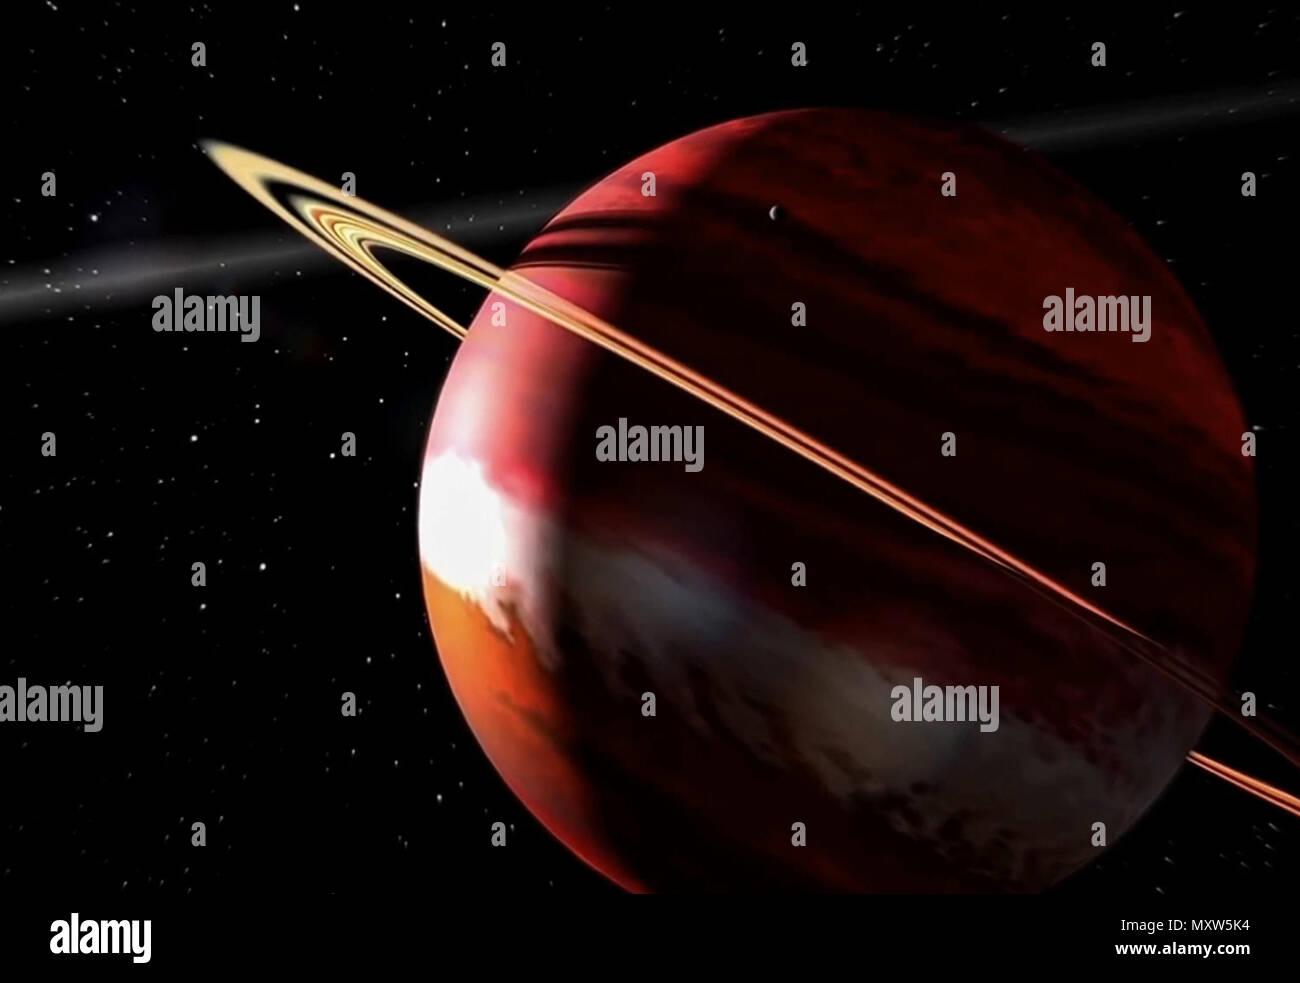 En liquidation prix bas design élégant La planète est une géante gazeuse avec des anneaux ...